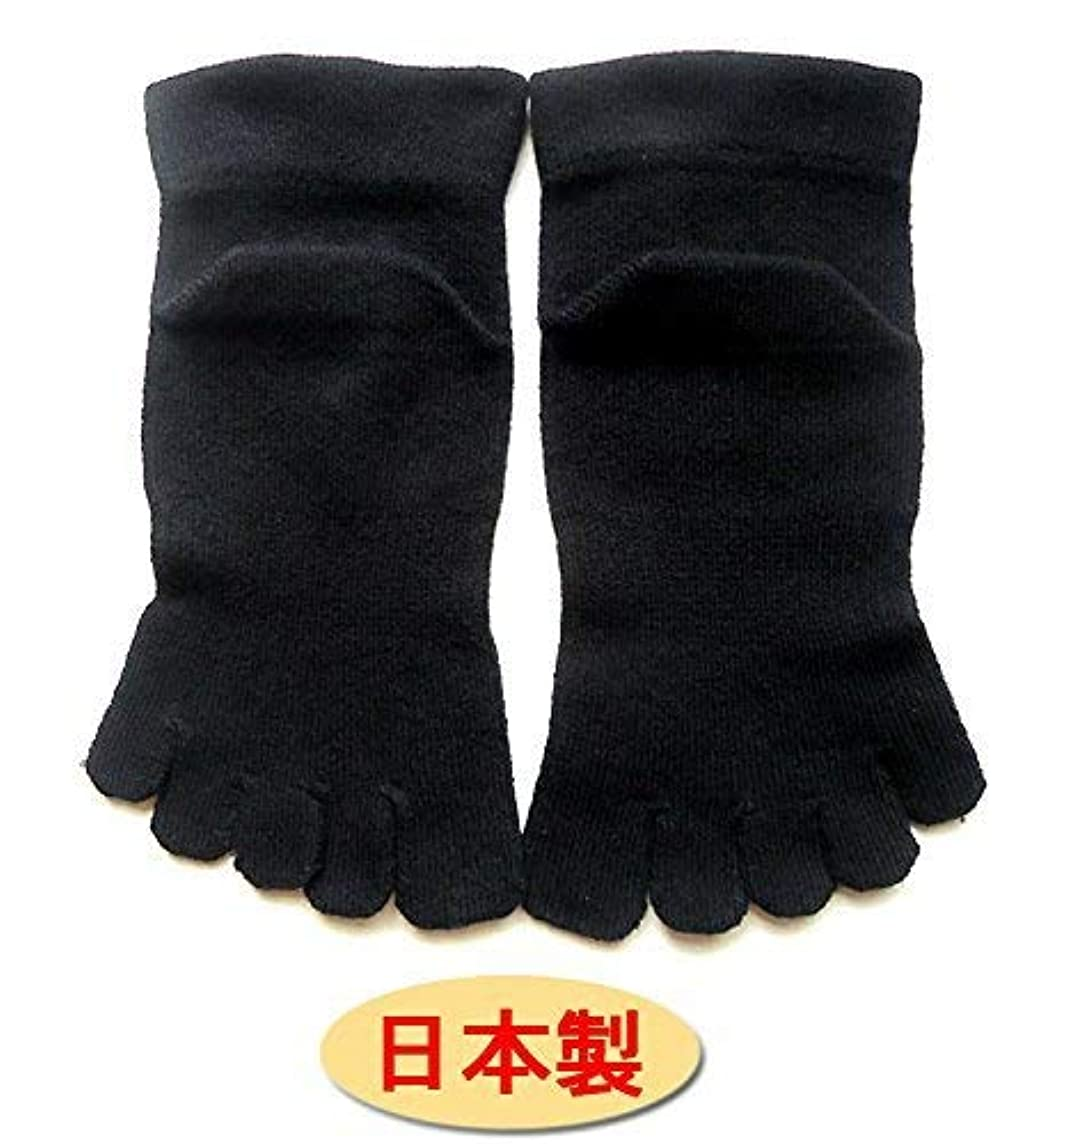 香水作成者内陸日本製 5本指ソックス レディース 爽やか表綿100% 口ゴムゆったり 22-24cm 3足組(黒色)